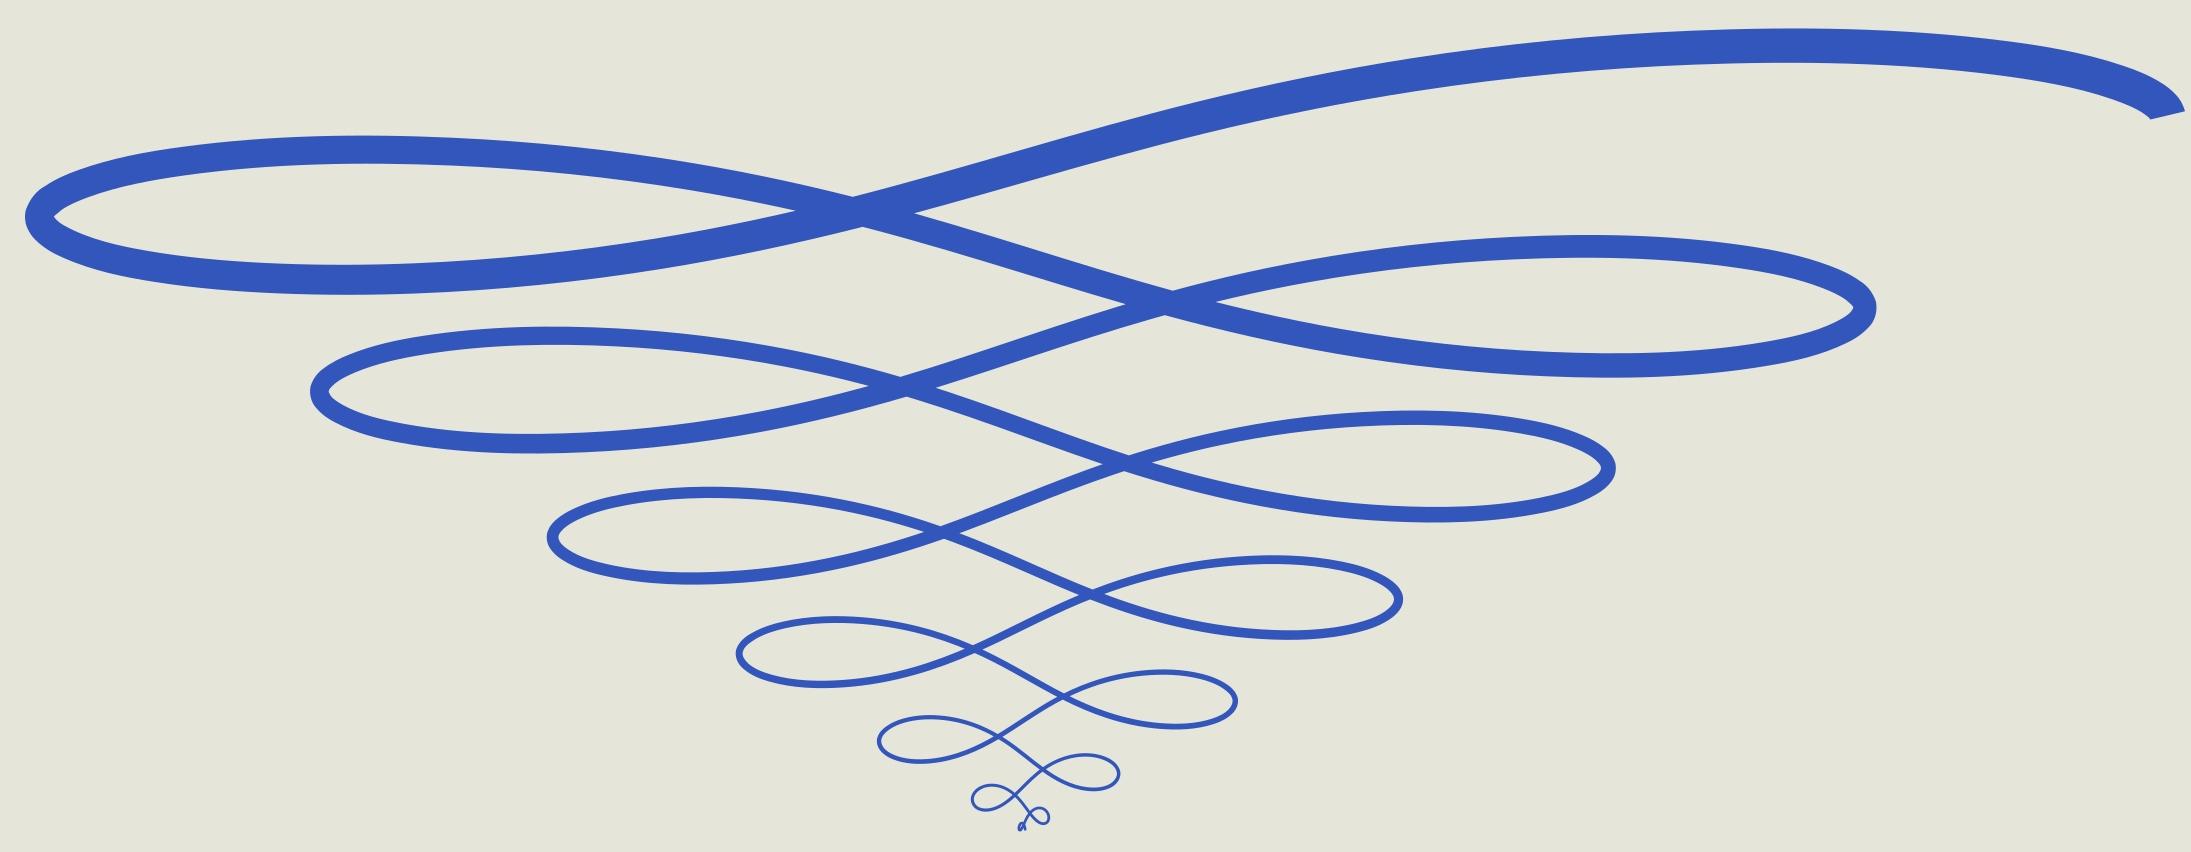 lemniscate-adlibitum2